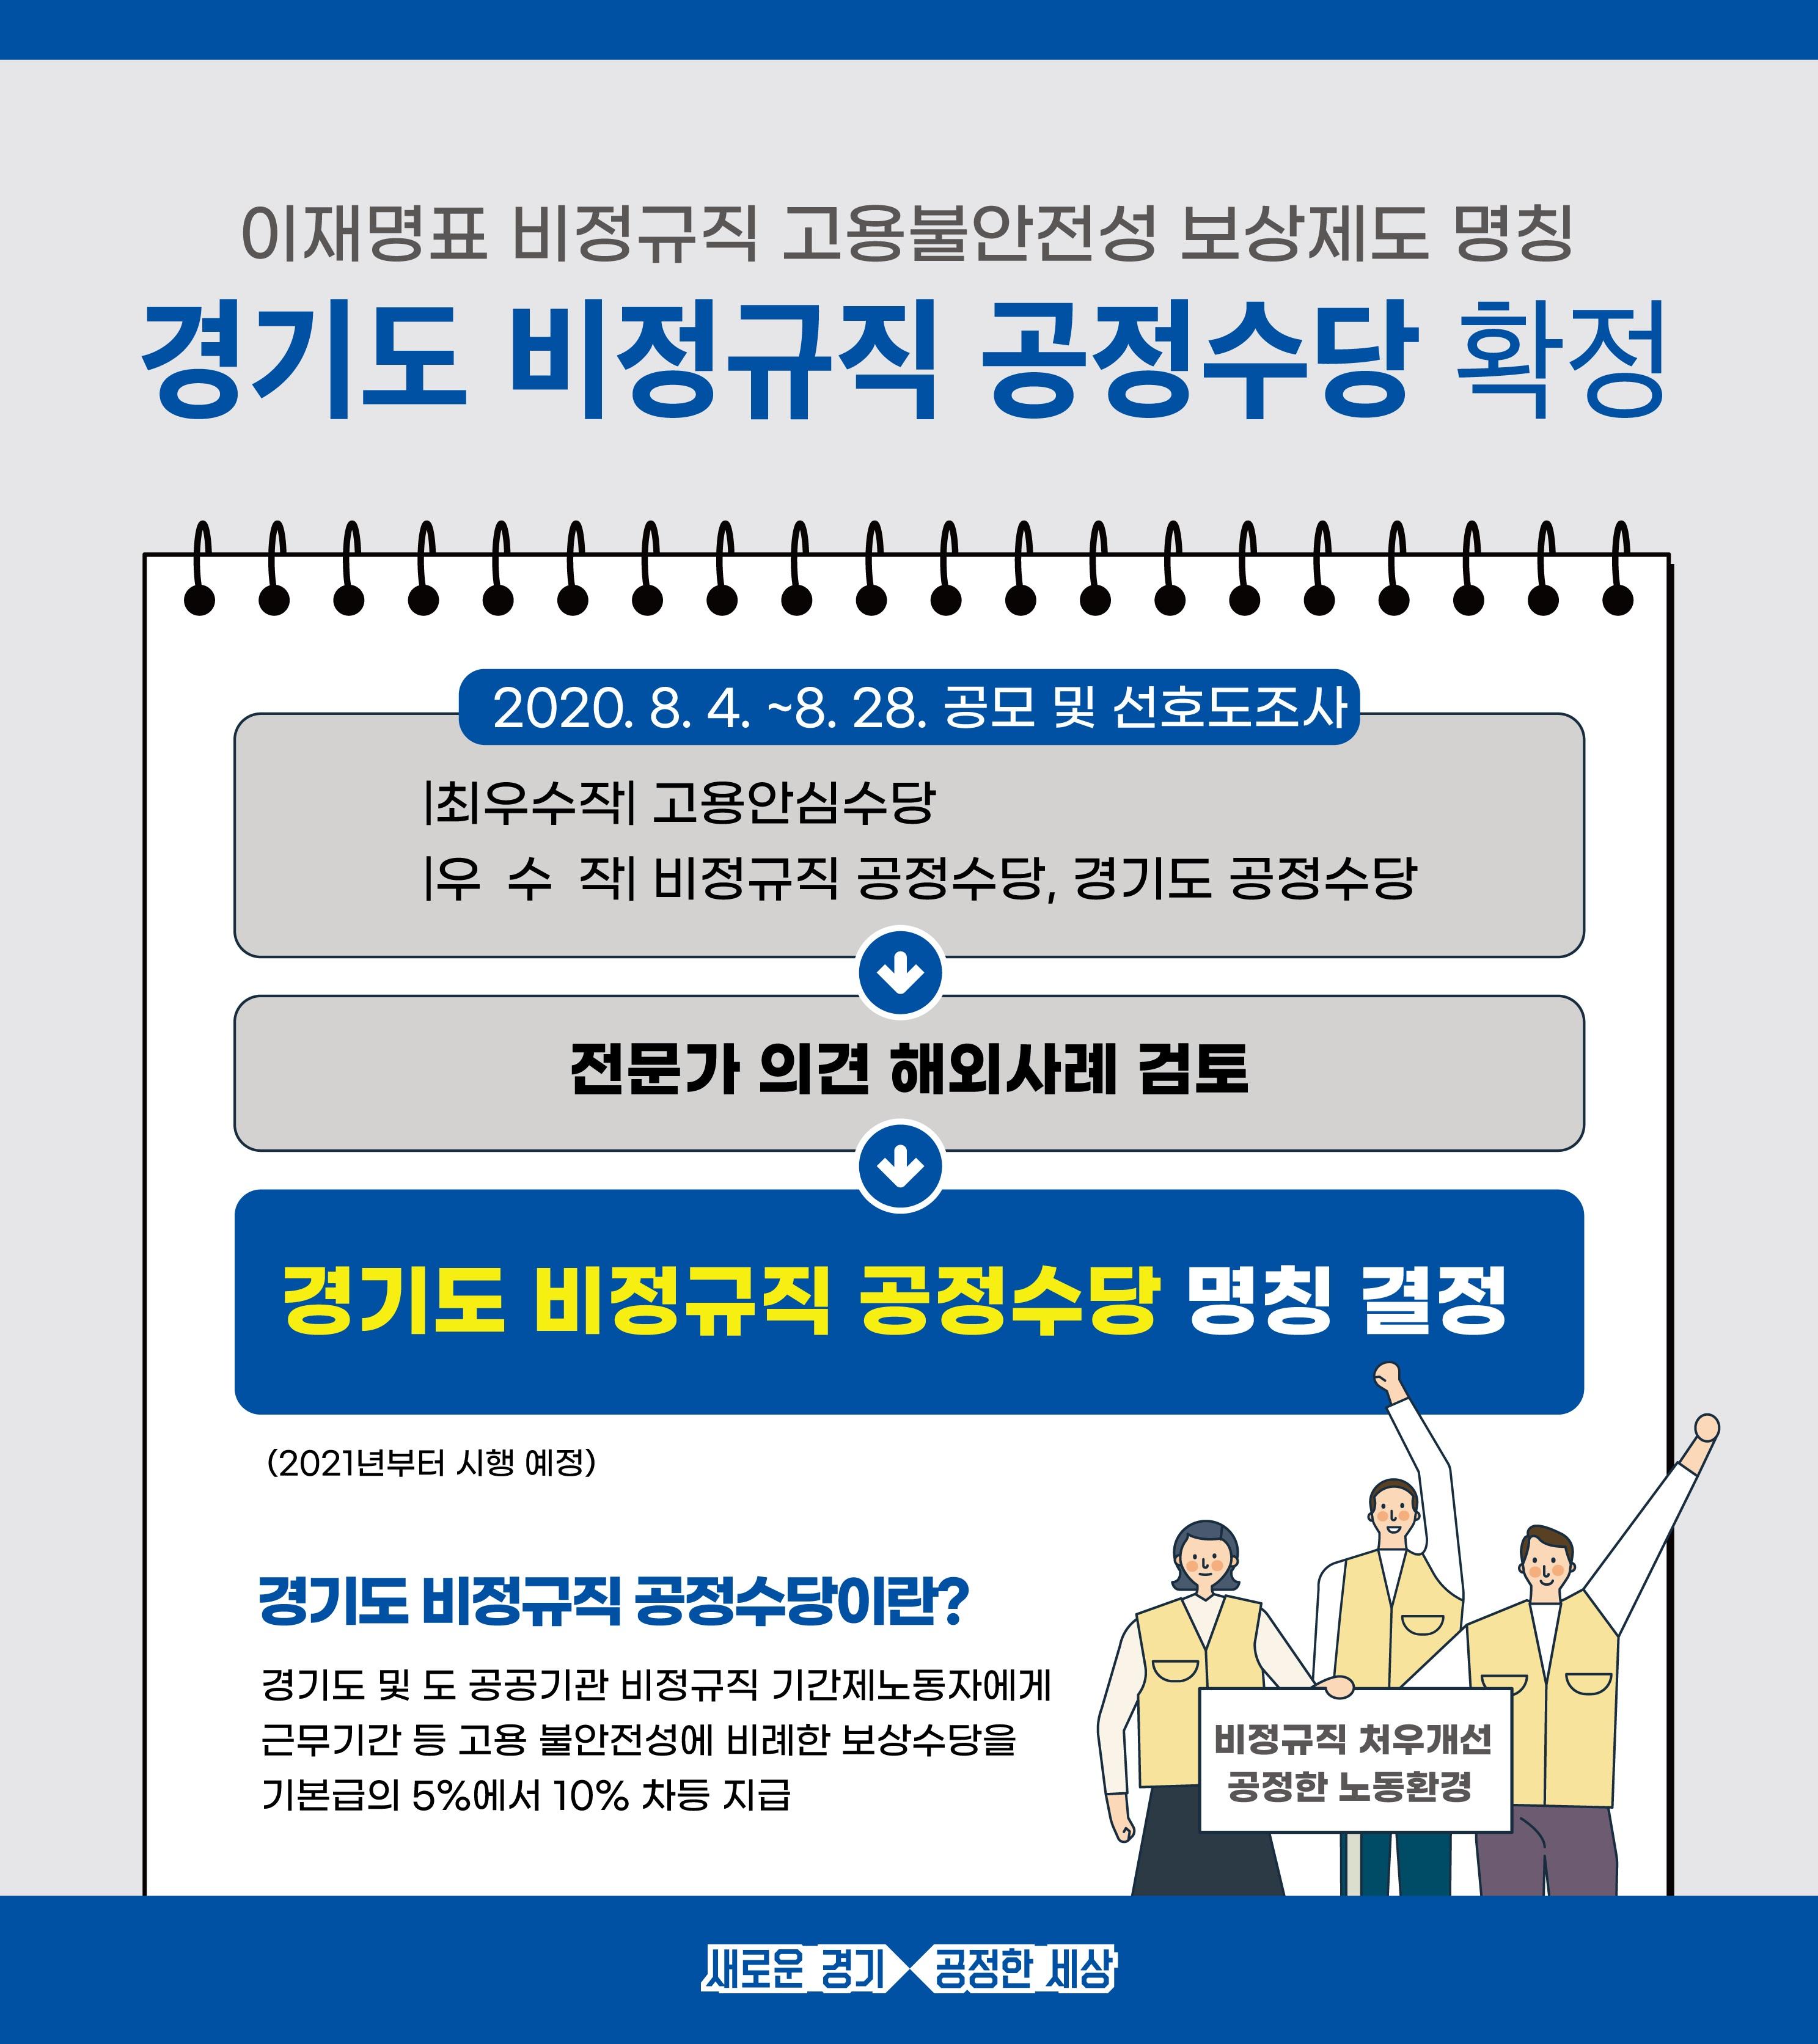 이재명표 비정규직 고용불안정성 보상제도 명칭 '경기도 비정규직 공정수당' 확정